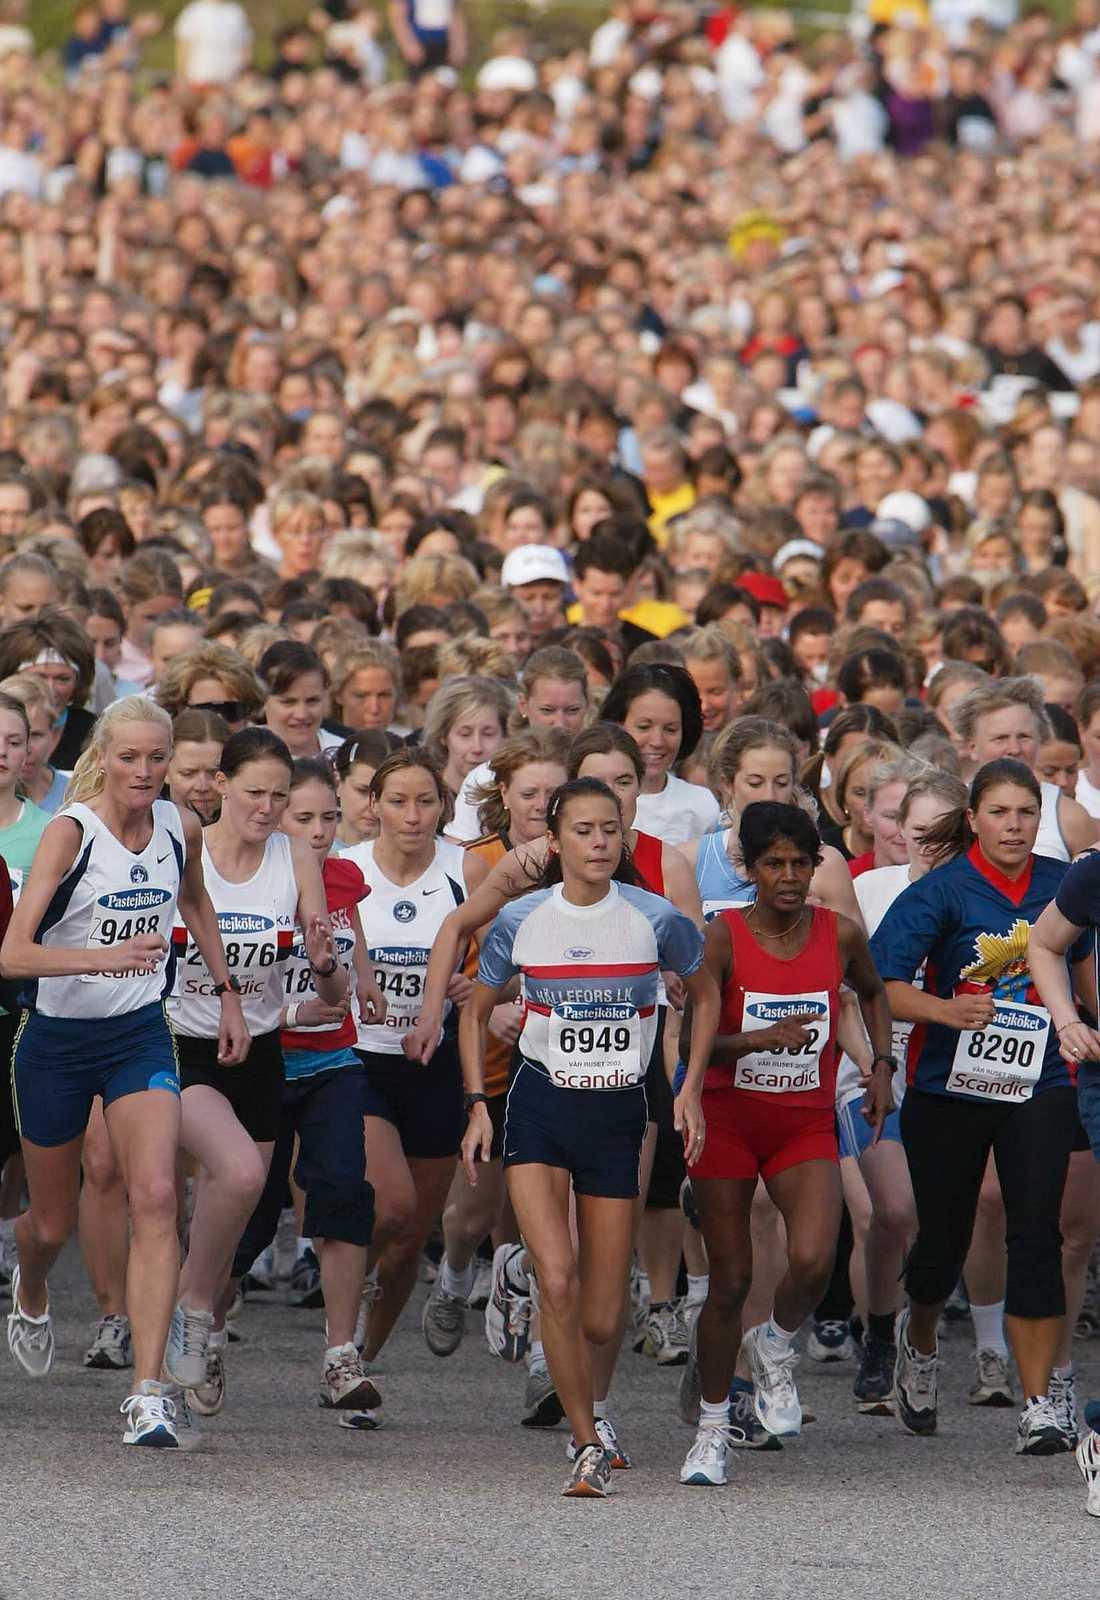 """FARLIG TRÄNING Långvarig högintensiv träning kan vara skadlig för hjärtat, det visar en ny studie från Uppsala universitet och Karolinska institutet som följt tiotusentals Vasaloppsåkare under en tioårsperiod. Men även """"vanliga"""" motionärer kan överanstränga sig."""